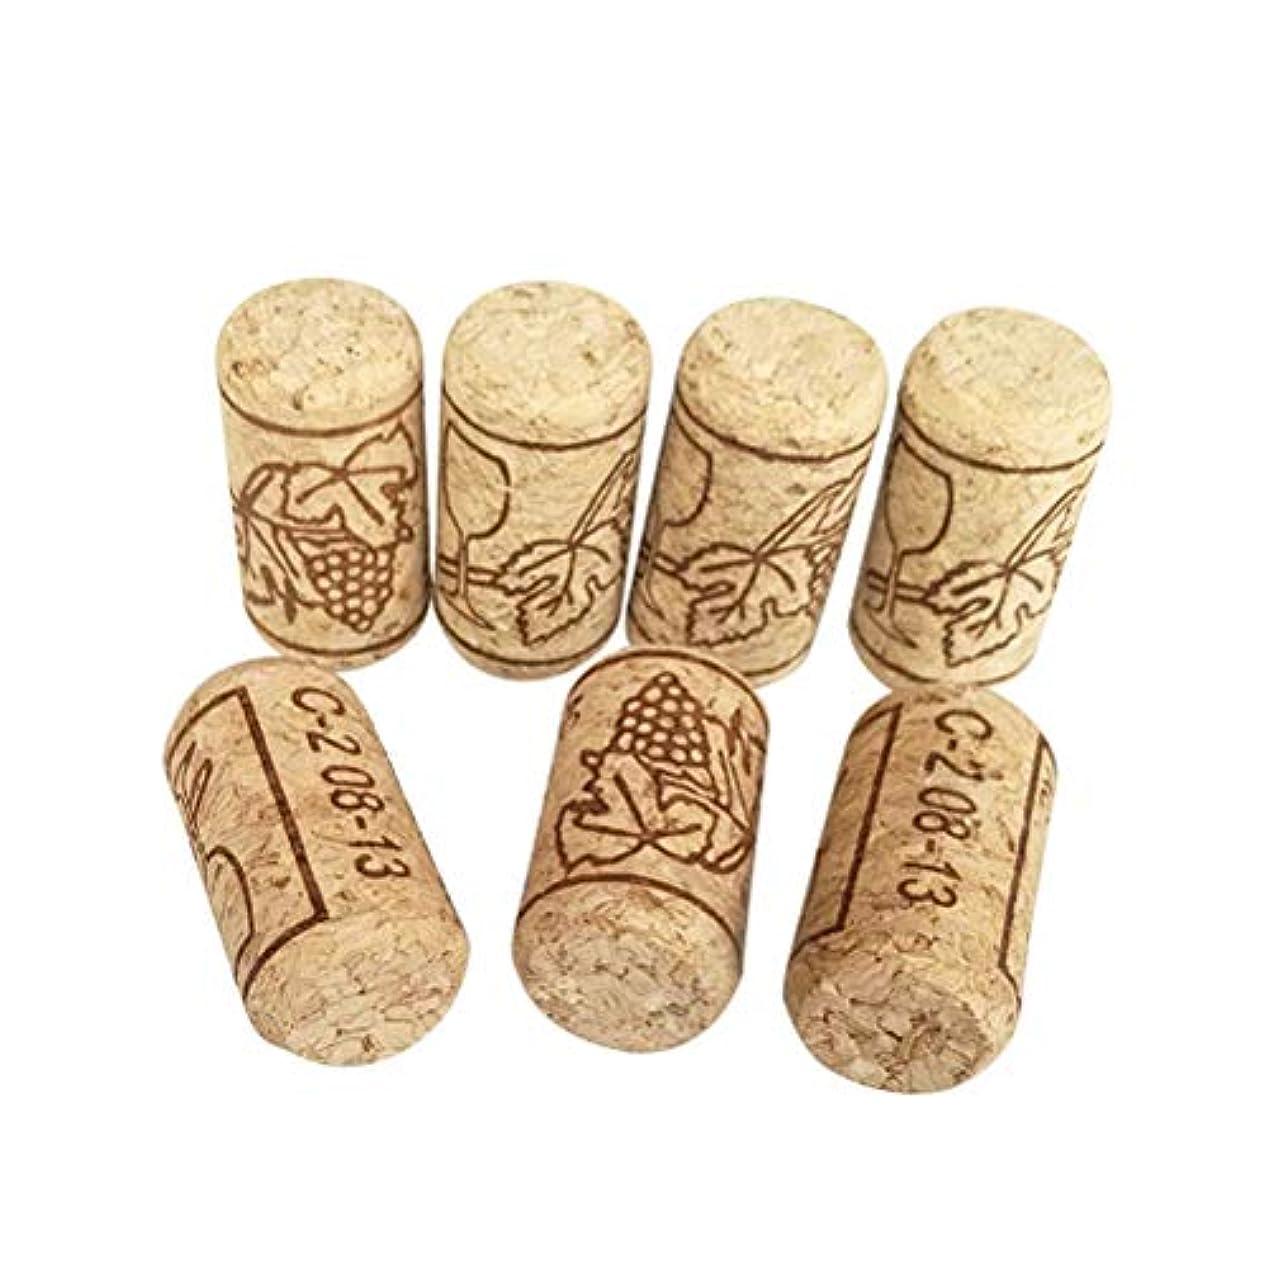 裁判所蒸悲しいことにACAMPTAR 100個ワインコルク再利用可能なクリエイティブ機能ポータブルシーリングワインコルクワインボトルカバー、ワインボトル用